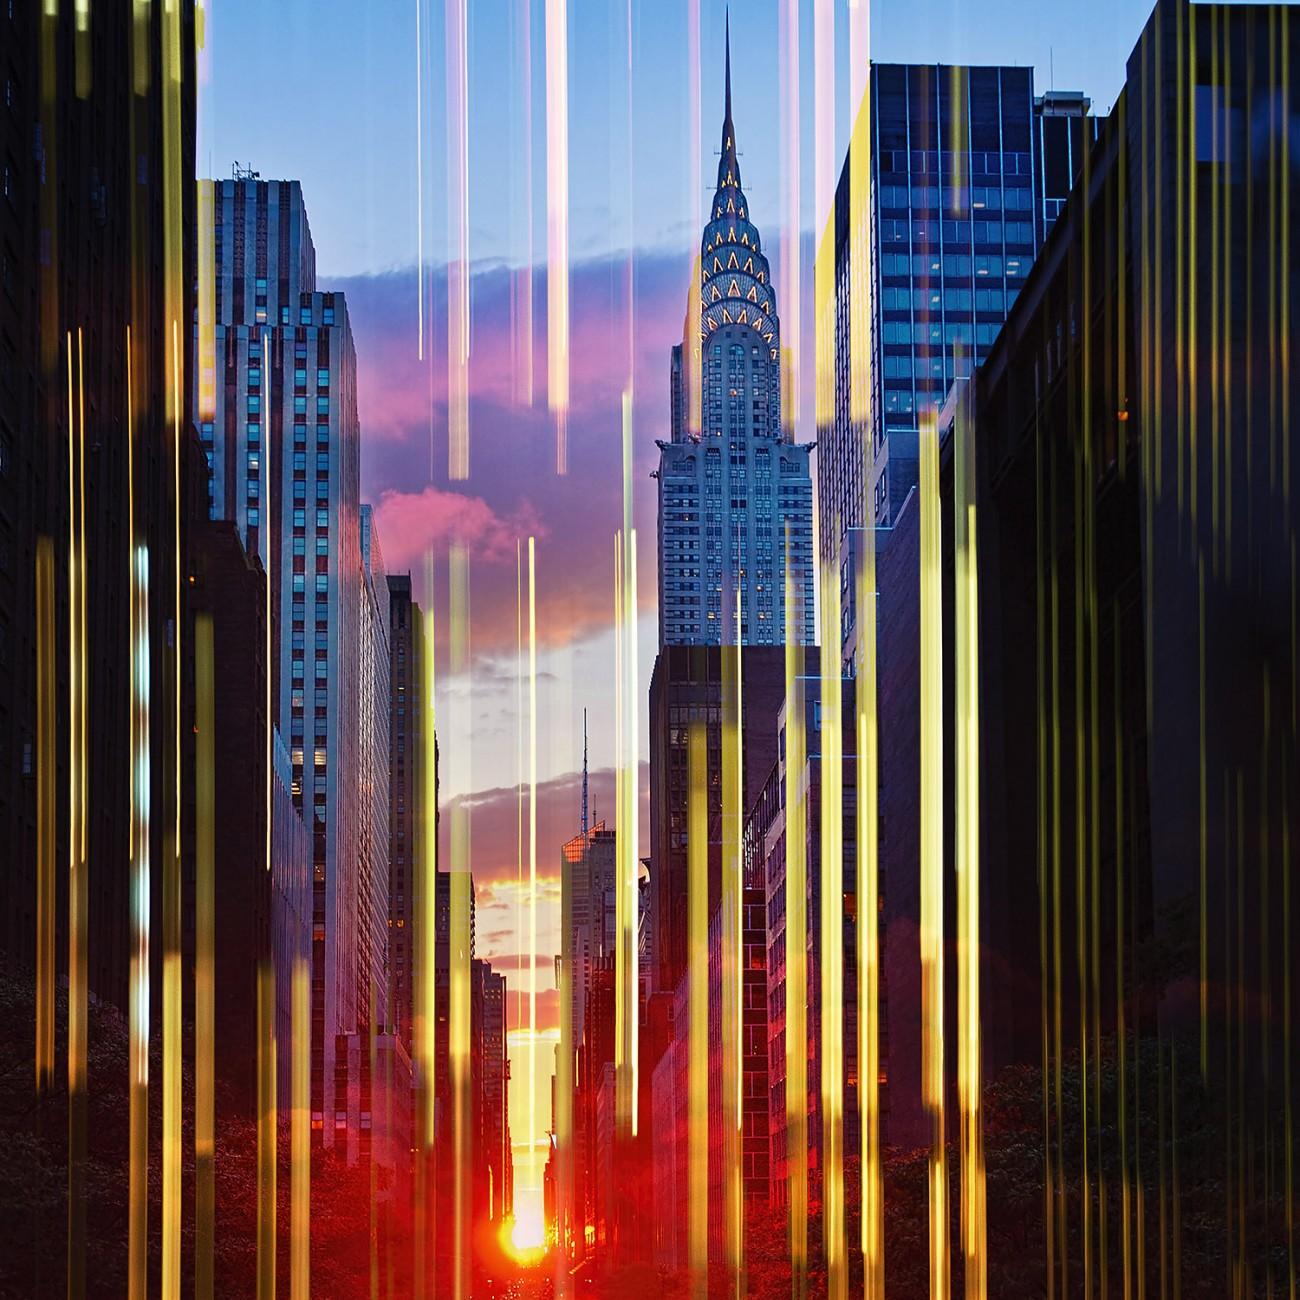 Metropolis - Star alignment, NY, 2016